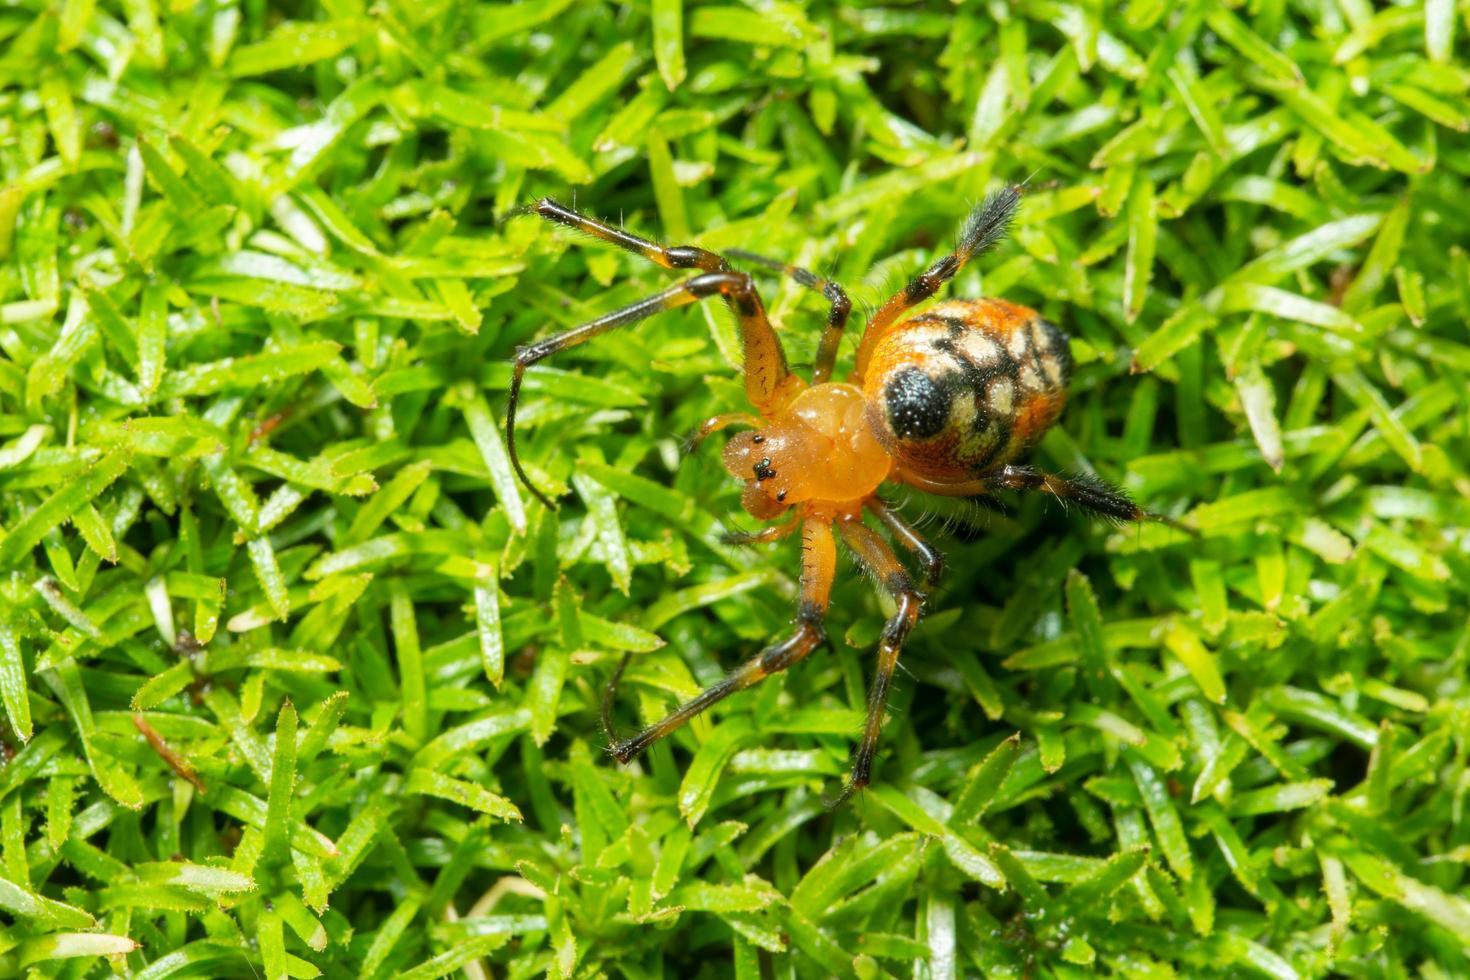 Spinne im Gras foto